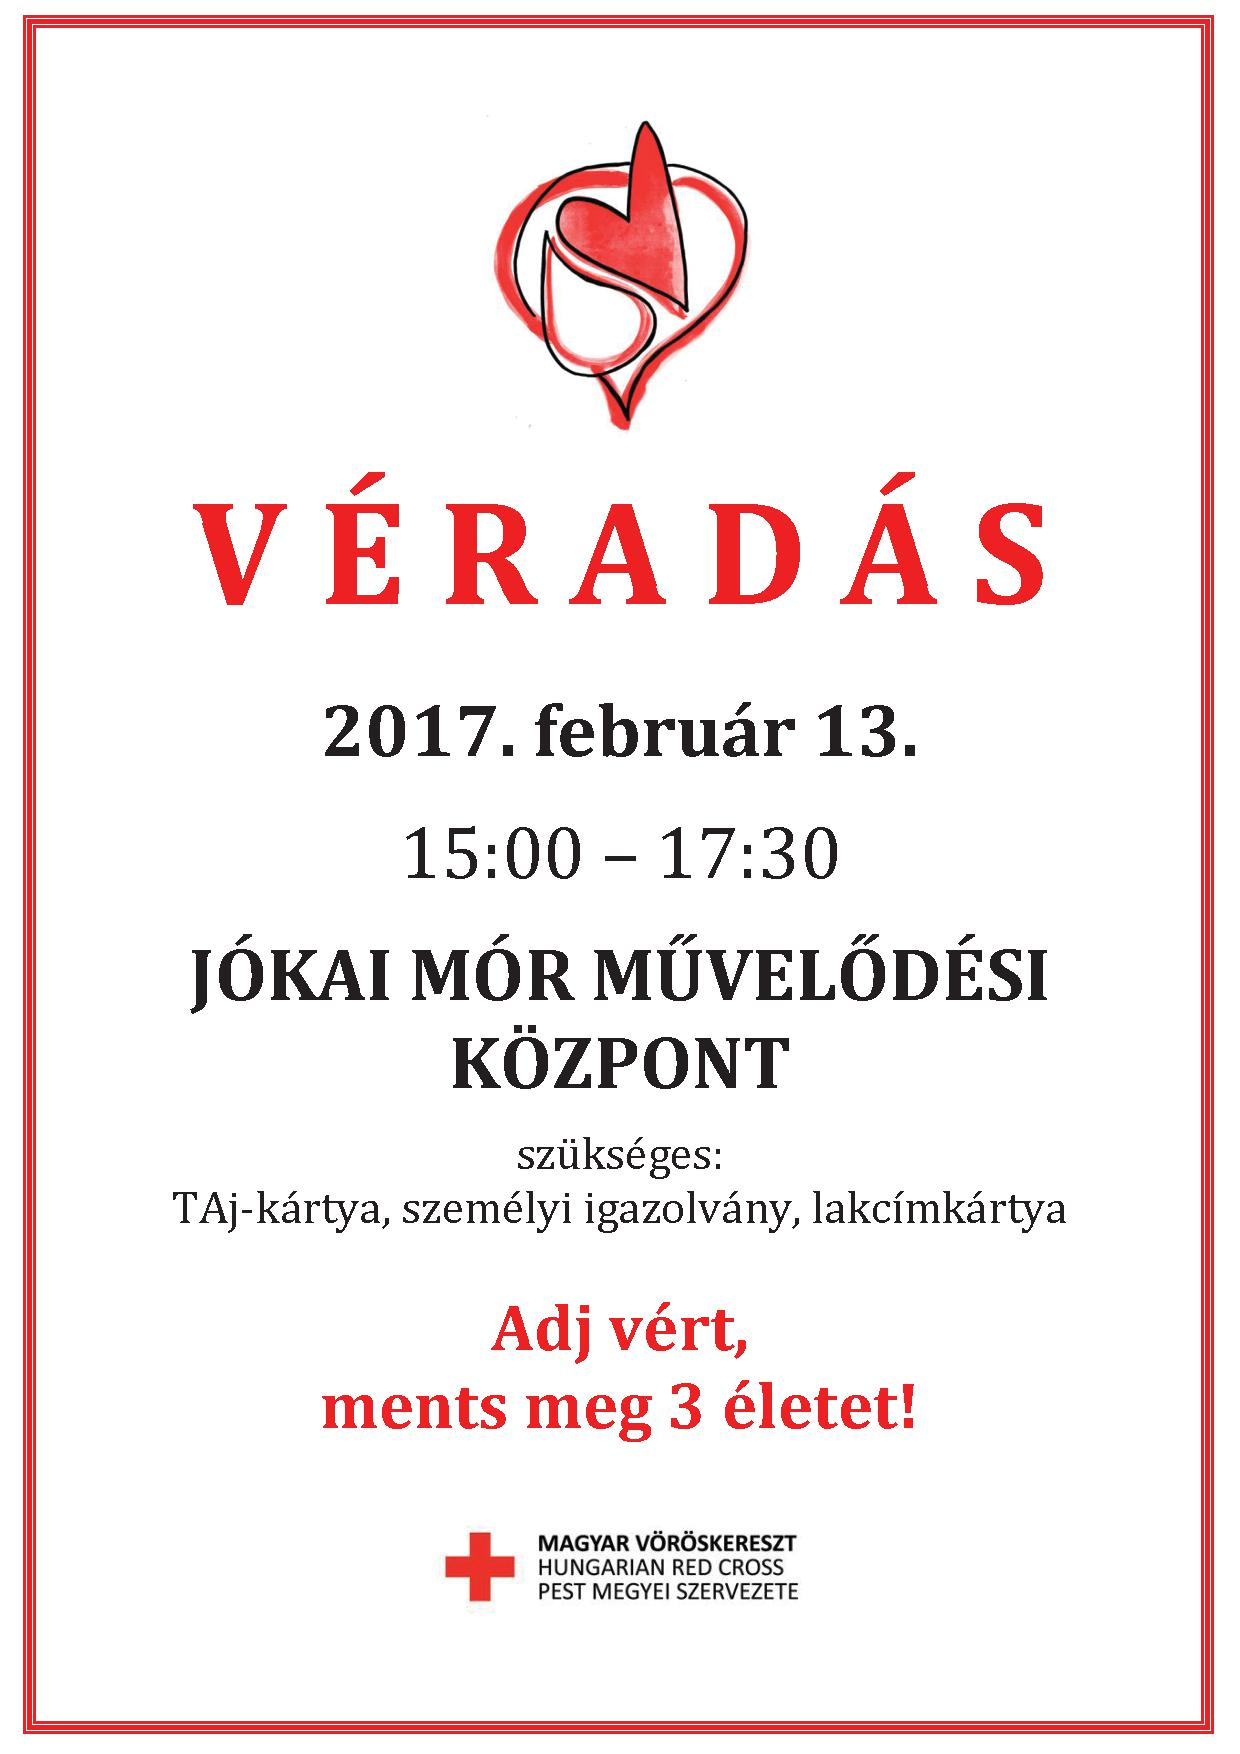 Véradó plakát_BorsJMMK